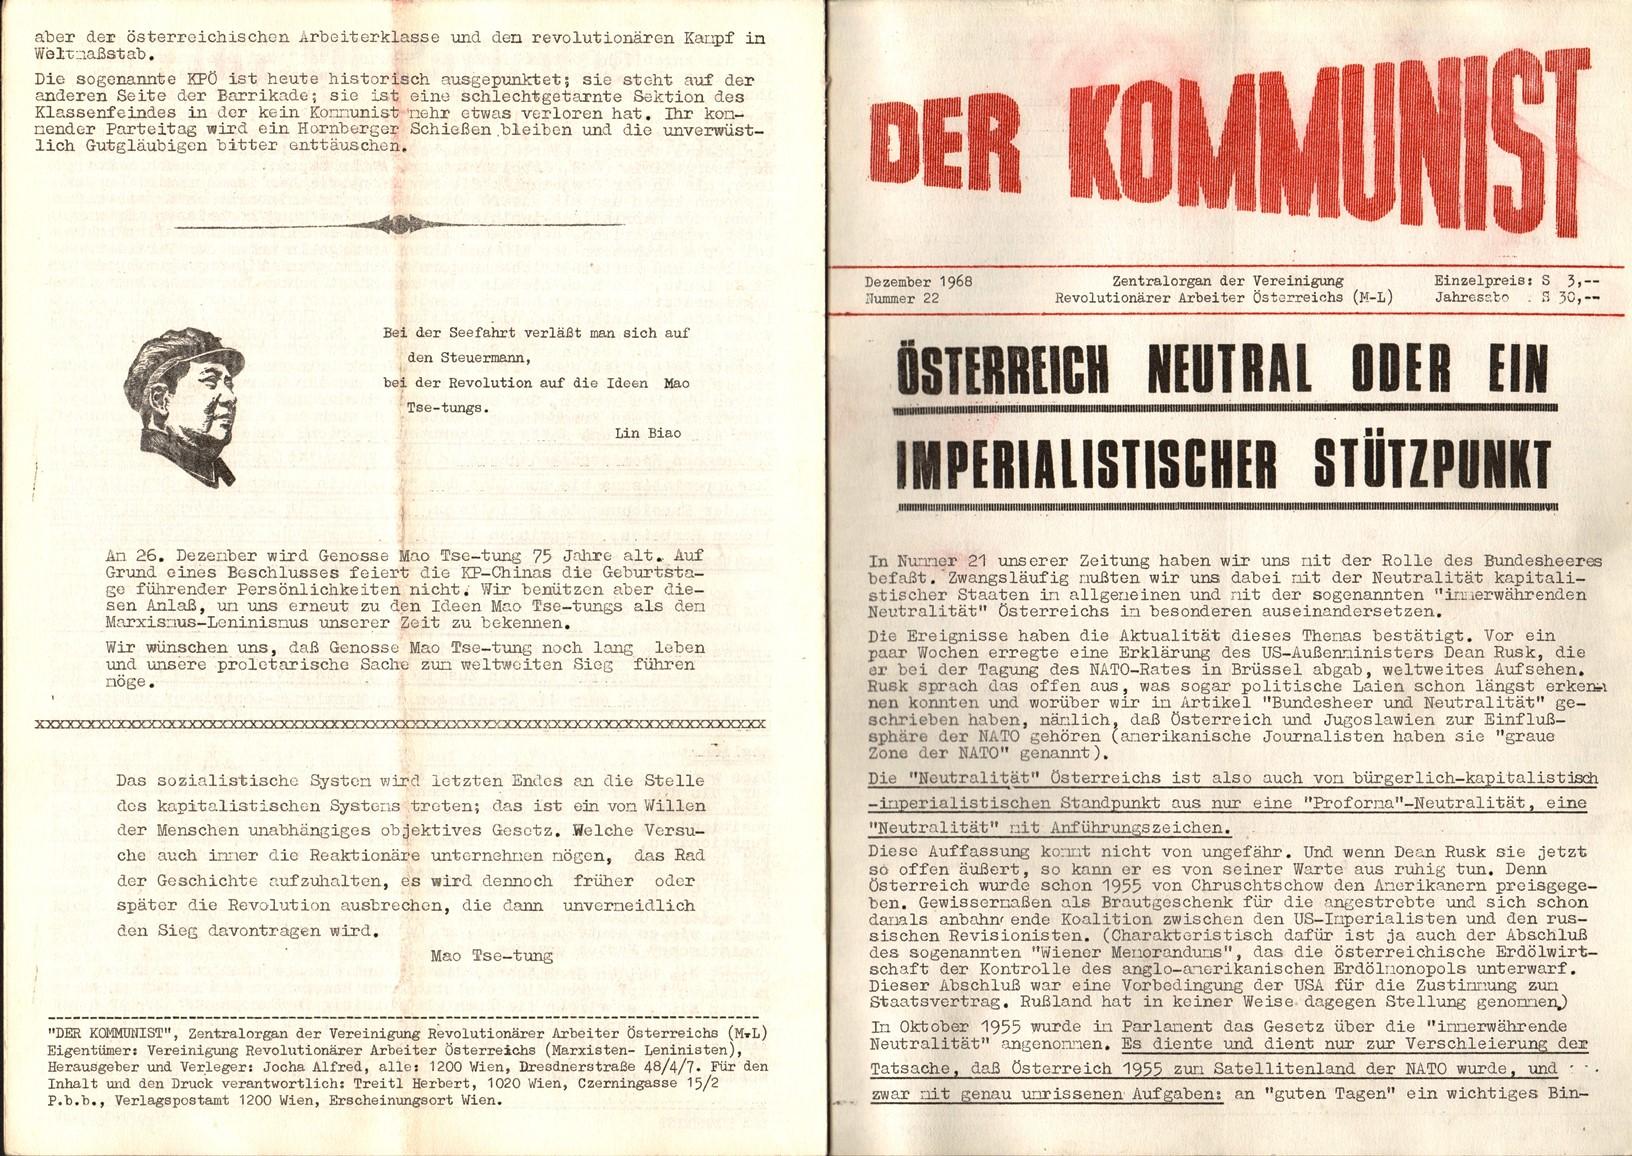 VRA_Der_Kommunist_19681200_01